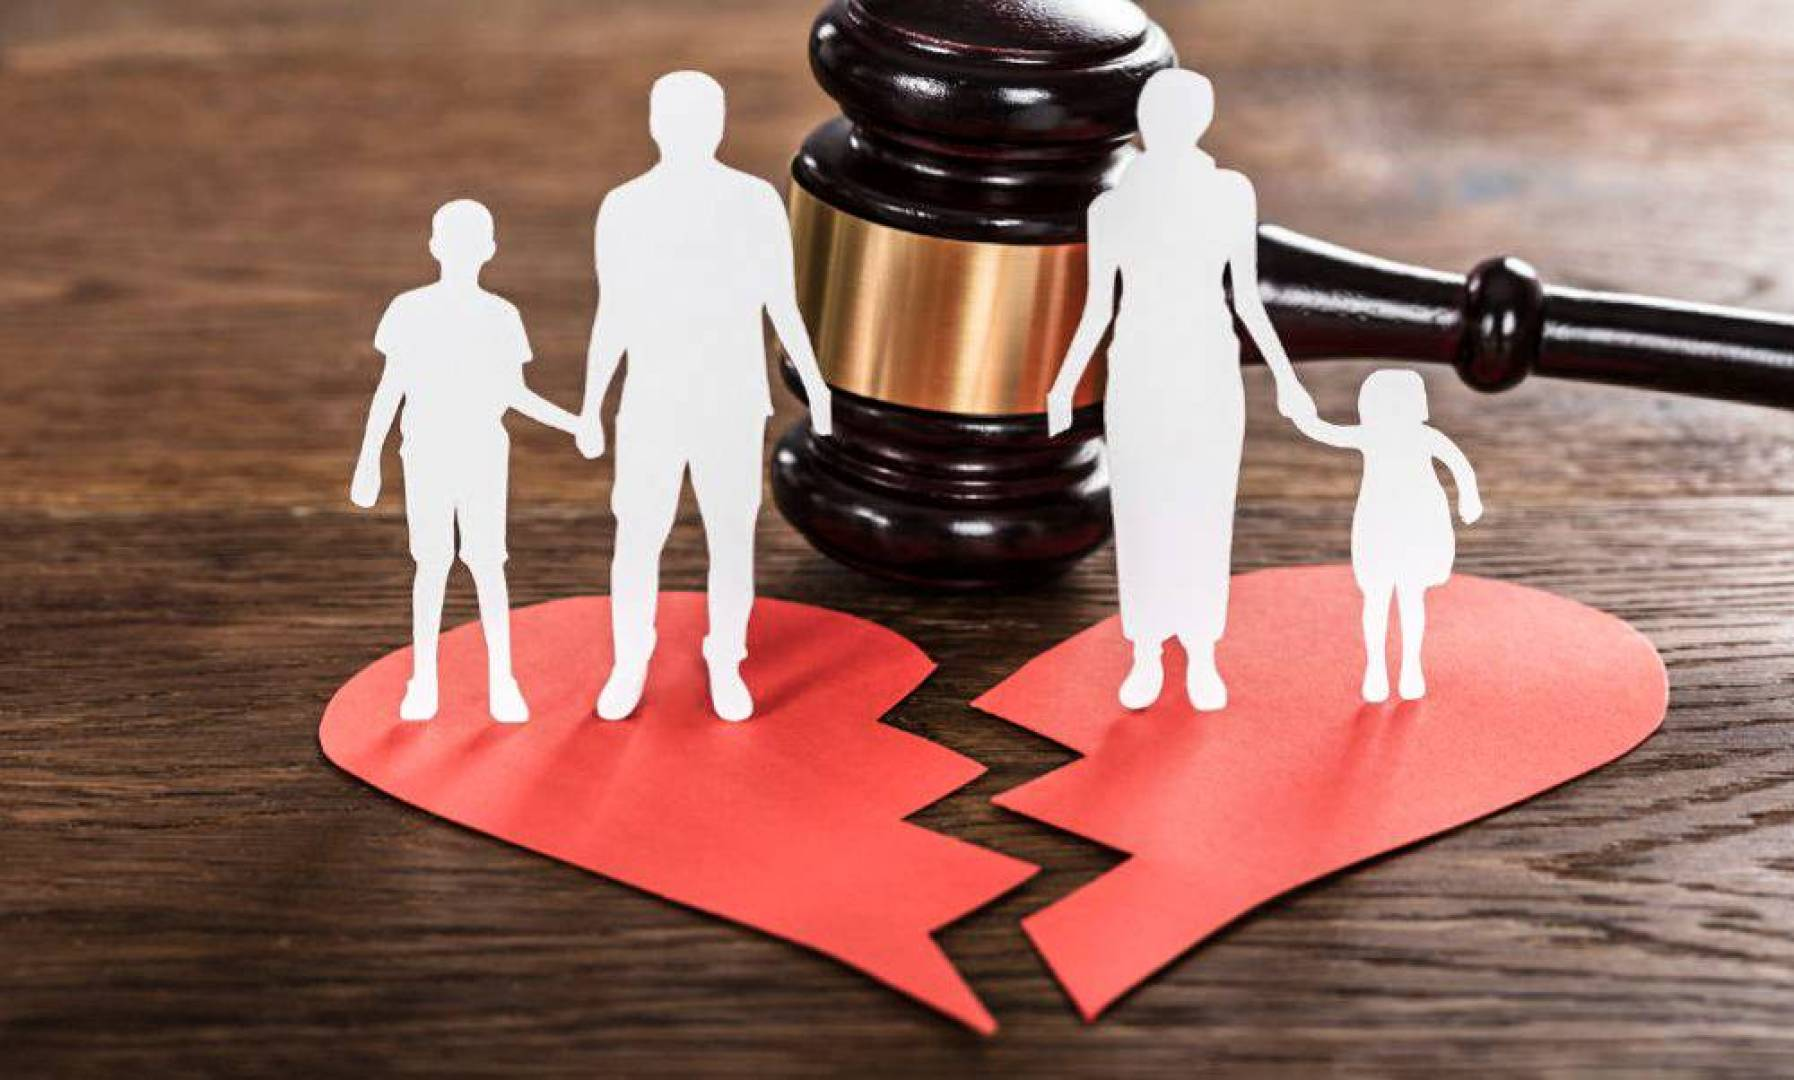 बिदेशबाट पठाइएको रकमको पत्नीले हिसाब बुझाउन नसक्दा सम्बन्ध-विच्छेद